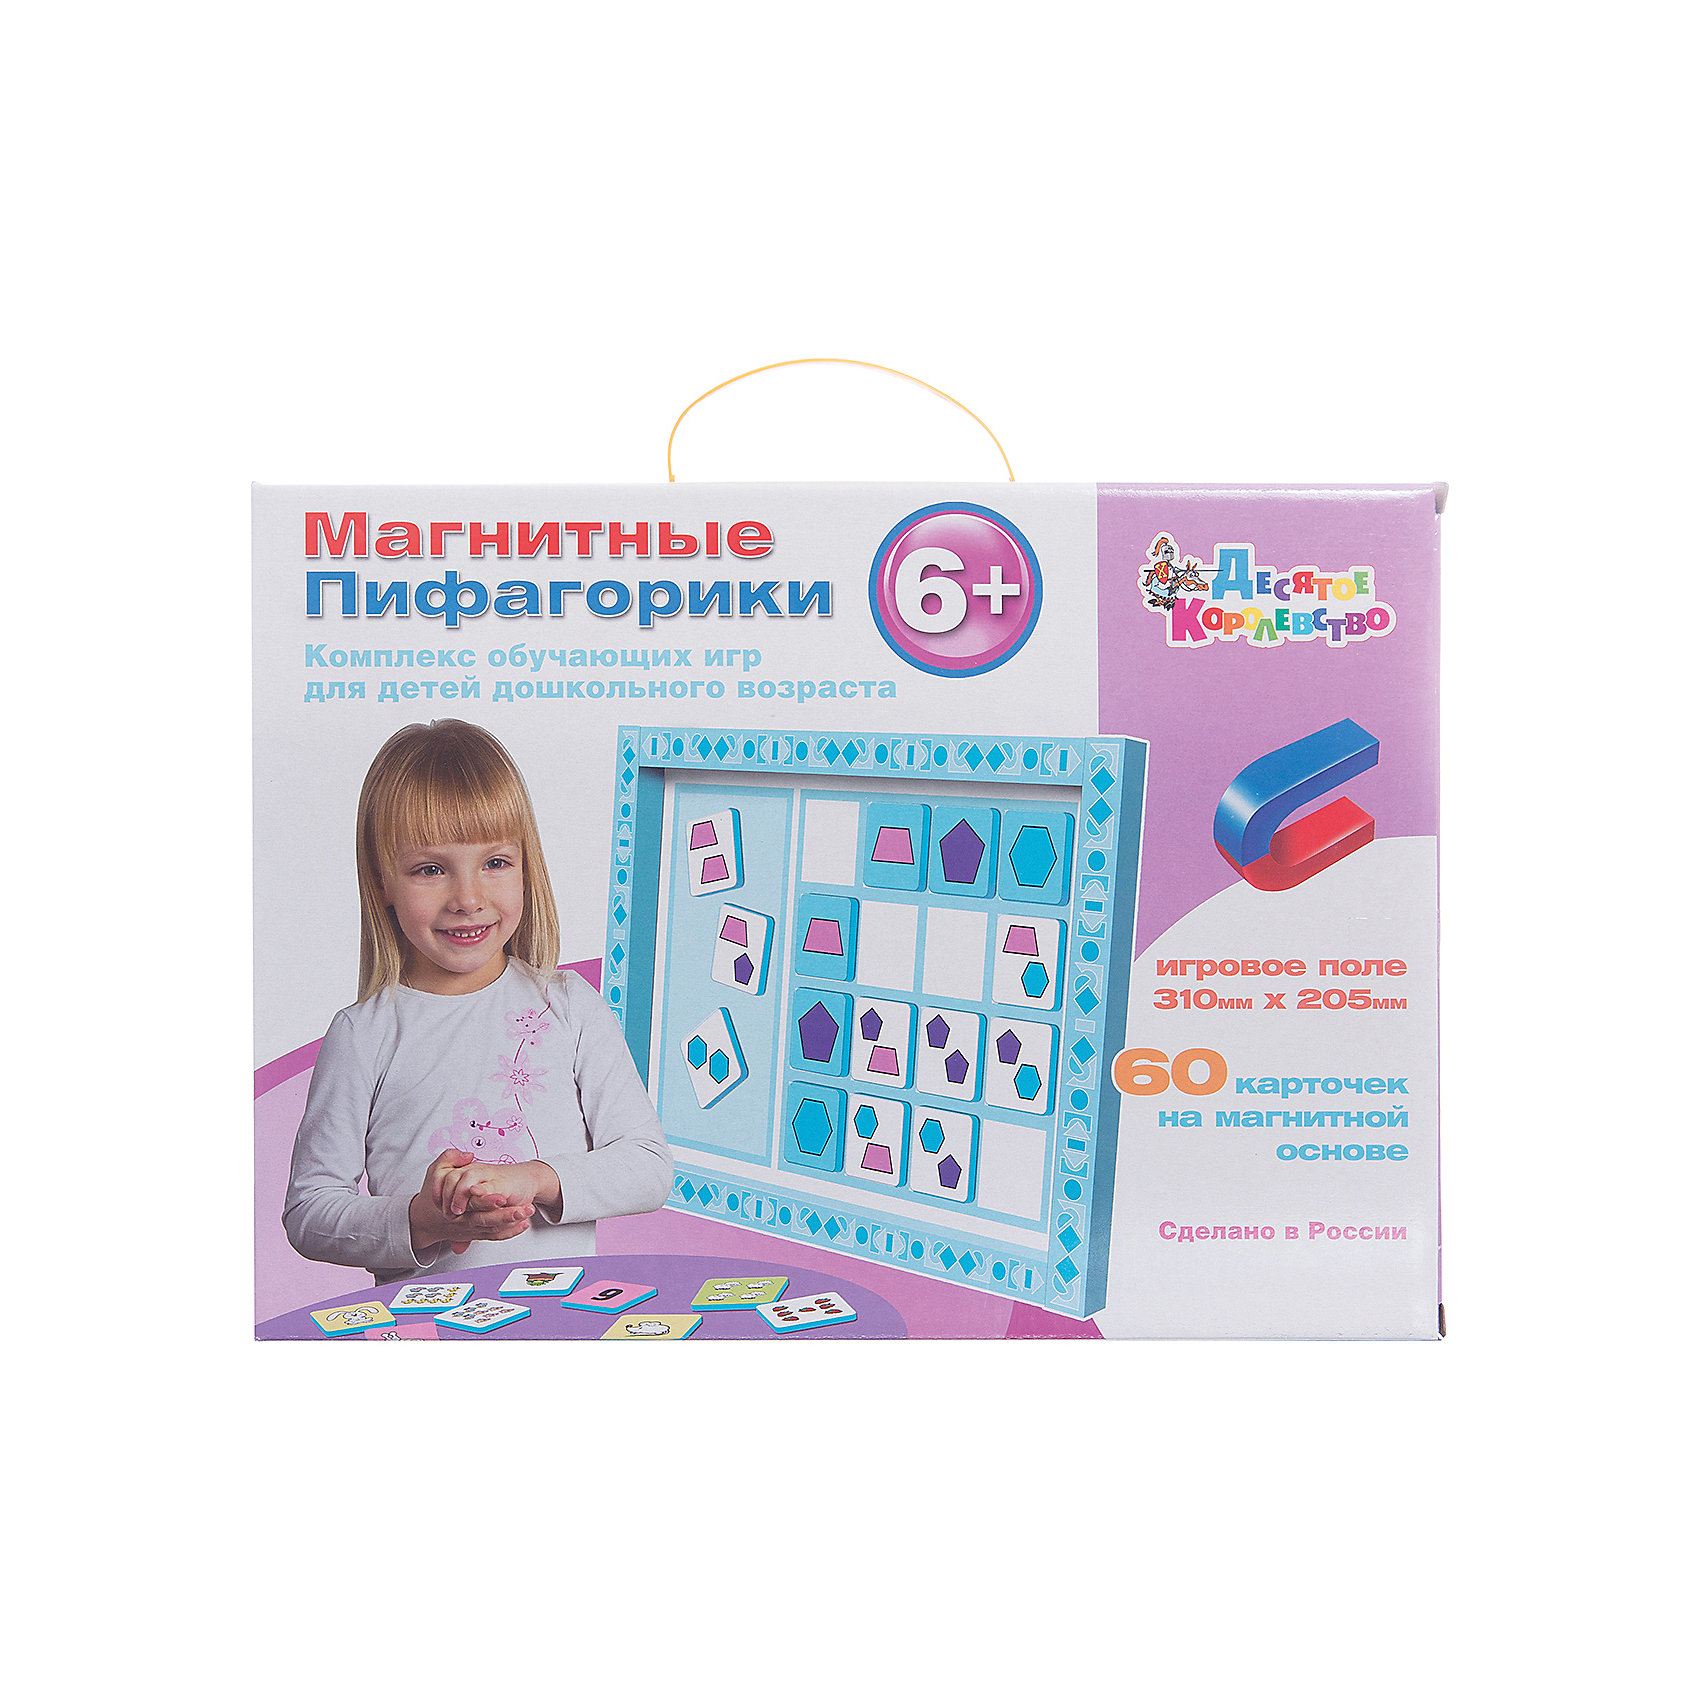 Набор Магнитные Пифагорики 6+, Десятое королевствоНабор Магнитные Пифагорики 6+, Десятое королевство<br><br>Характеристики: <br><br>• Возраст: от 6 лет<br>• Материал: вспененный полимер, магнит, картон<br>• В комплекте: Игровое поле, 60 карточек на магнитной основе, инструкция на русском языке<br><br>Этот набор позволяет в удобной игровой форме обучить ребенка основным цветам, пониманию формы предметов и их размеров. В наборе содержится магнитное игровое поле, 60 карточек, а так же буклет с 5 вариантами игр. Наиболее эффективным набор будет, если использовать его для работы с ребенком от 6 лет. В процессе игры с приятными на ощупь карточками, малыши быстрее обучаются и схватывают материал.<br><br>Набор Магнитные Пифагорики 6+, Десятое королевство можно купить в нашем интернет-магазине.<br><br>Ширина мм: 364<br>Глубина мм: 263<br>Высота мм: 34<br>Вес г: 612<br>Возраст от месяцев: 60<br>Возраст до месяцев: 84<br>Пол: Унисекс<br>Возраст: Детский<br>SKU: 5473736